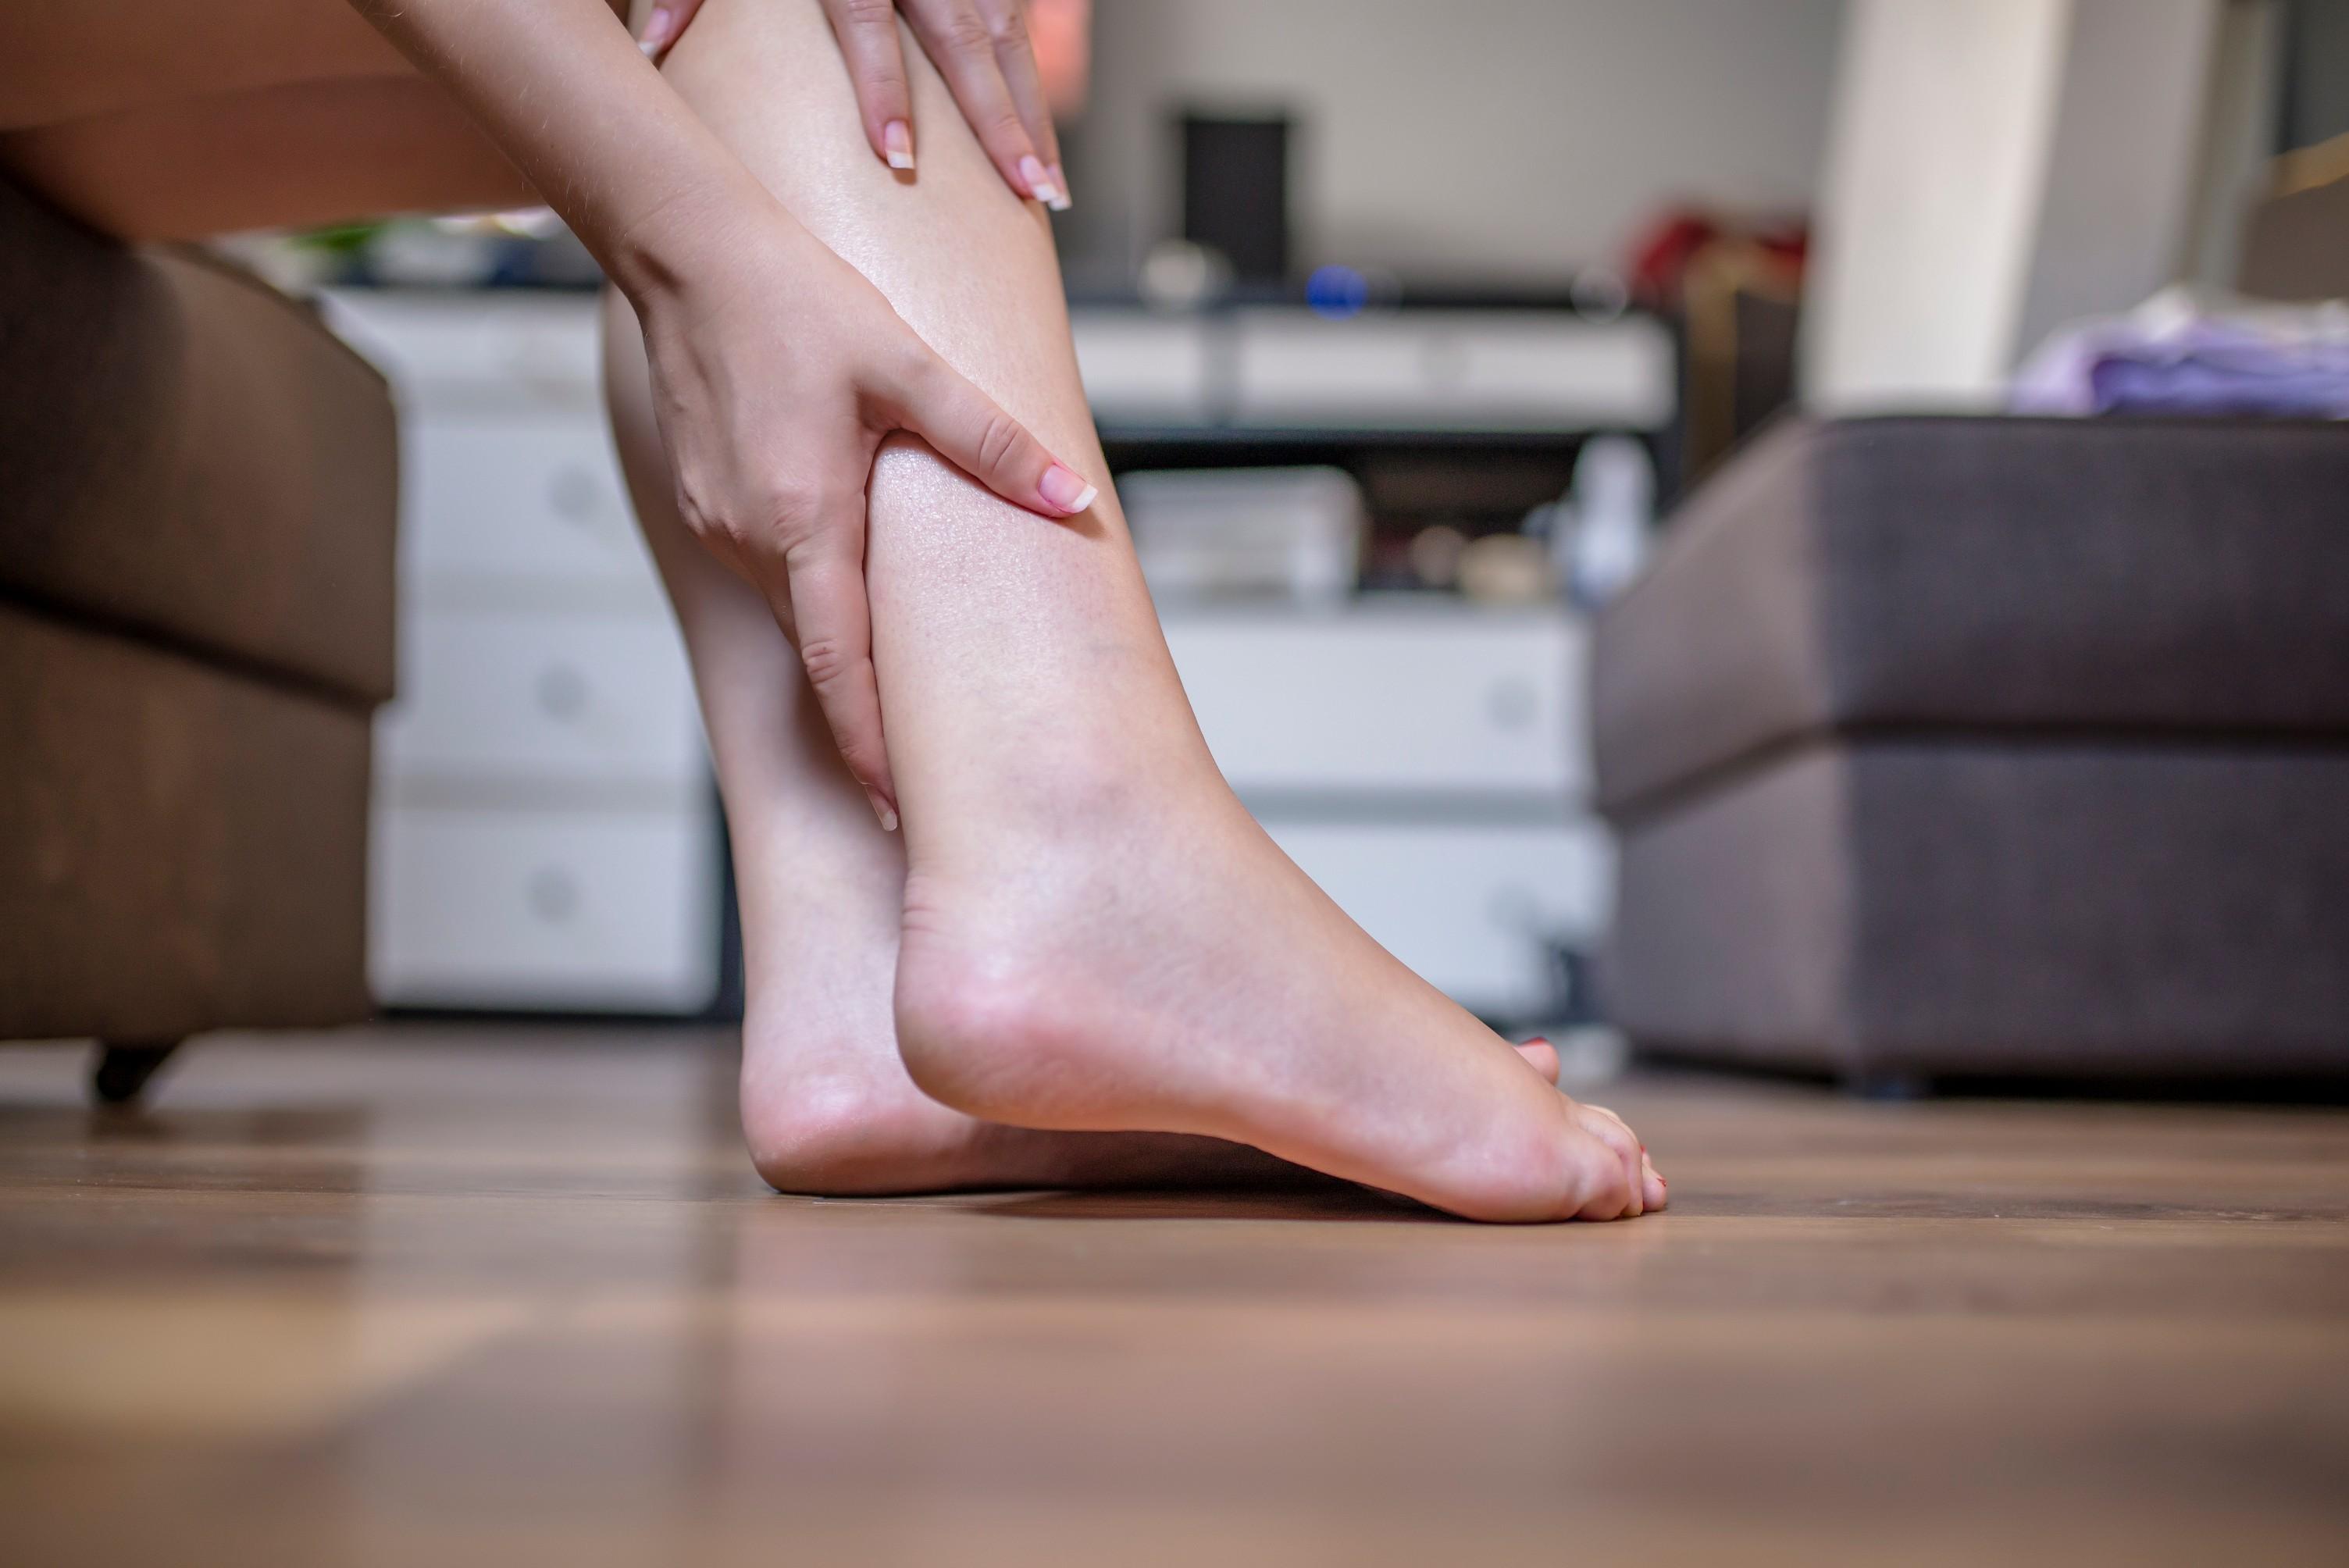 sensación de ardor con picazón en la parte inferior de las piernas